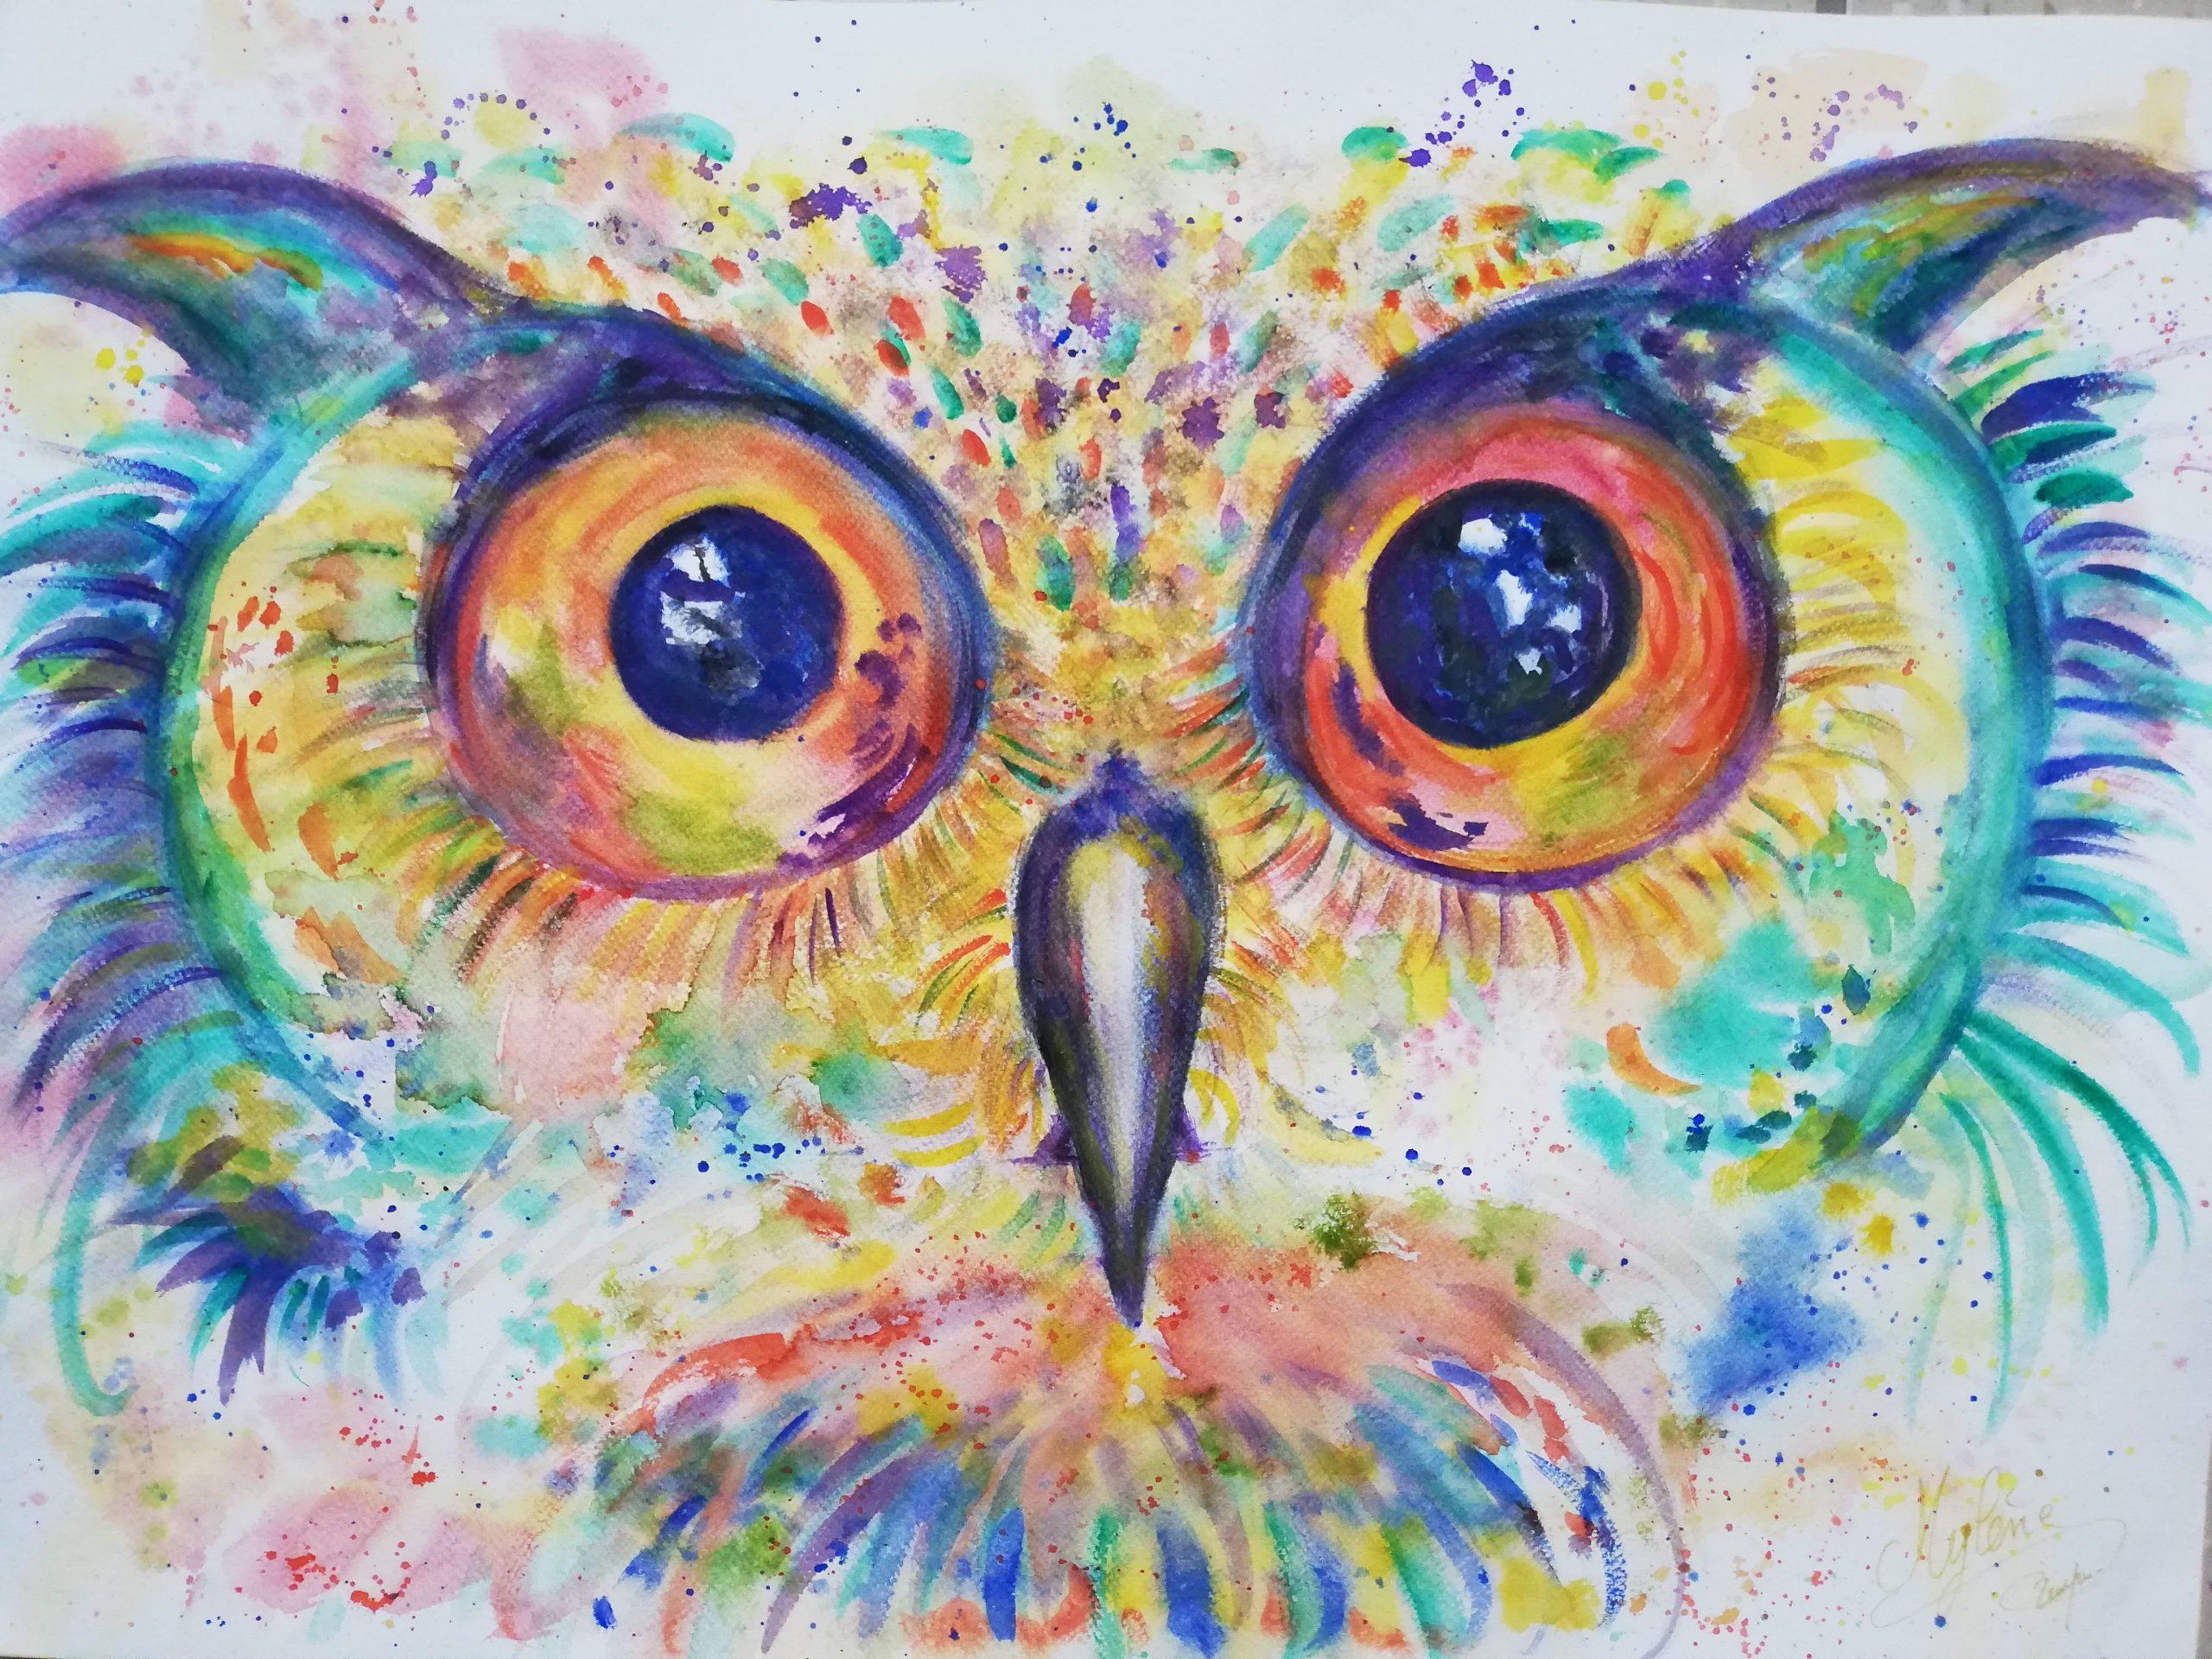 peinture, peinture énergétique, animaux, hibou, nature, chouette, couleurs, regard, bienveillance, spiritualité, magie